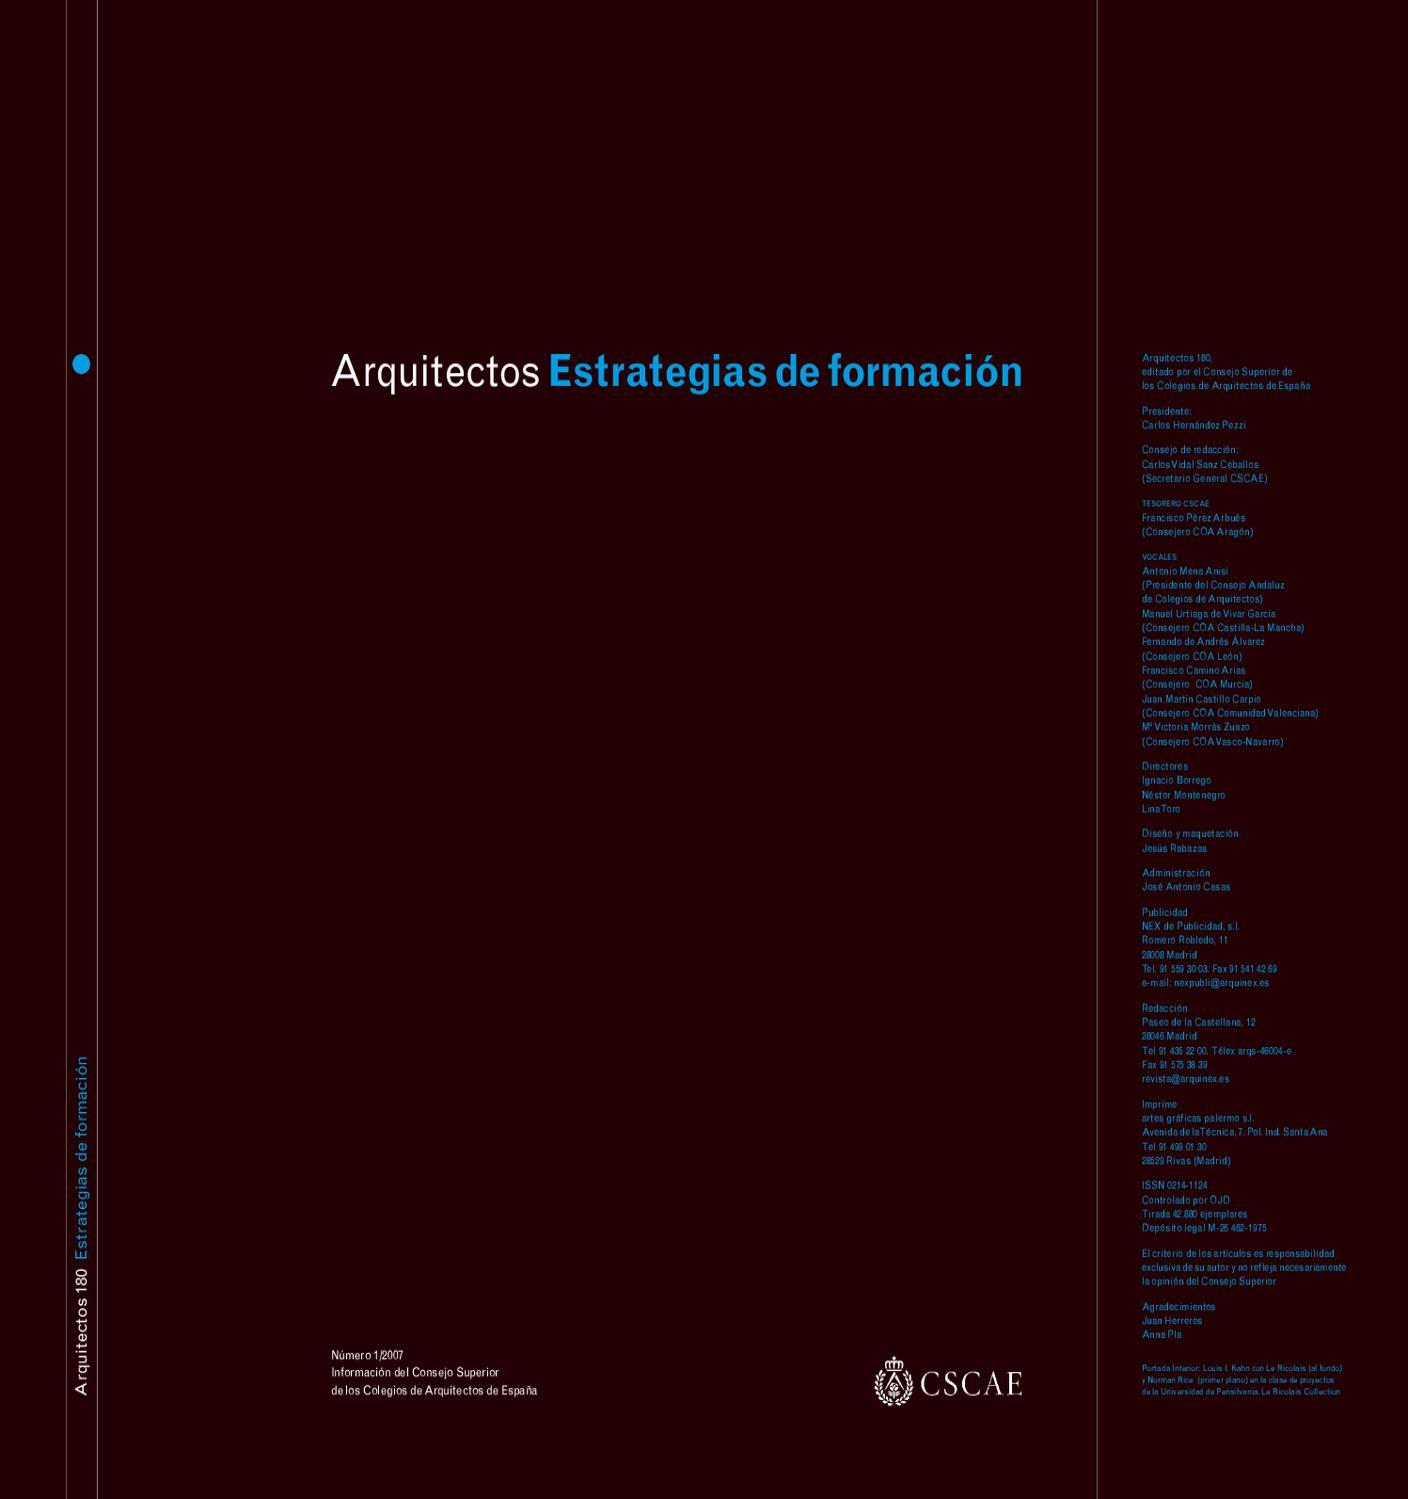 Arquitectos 180: Estrategias de formación